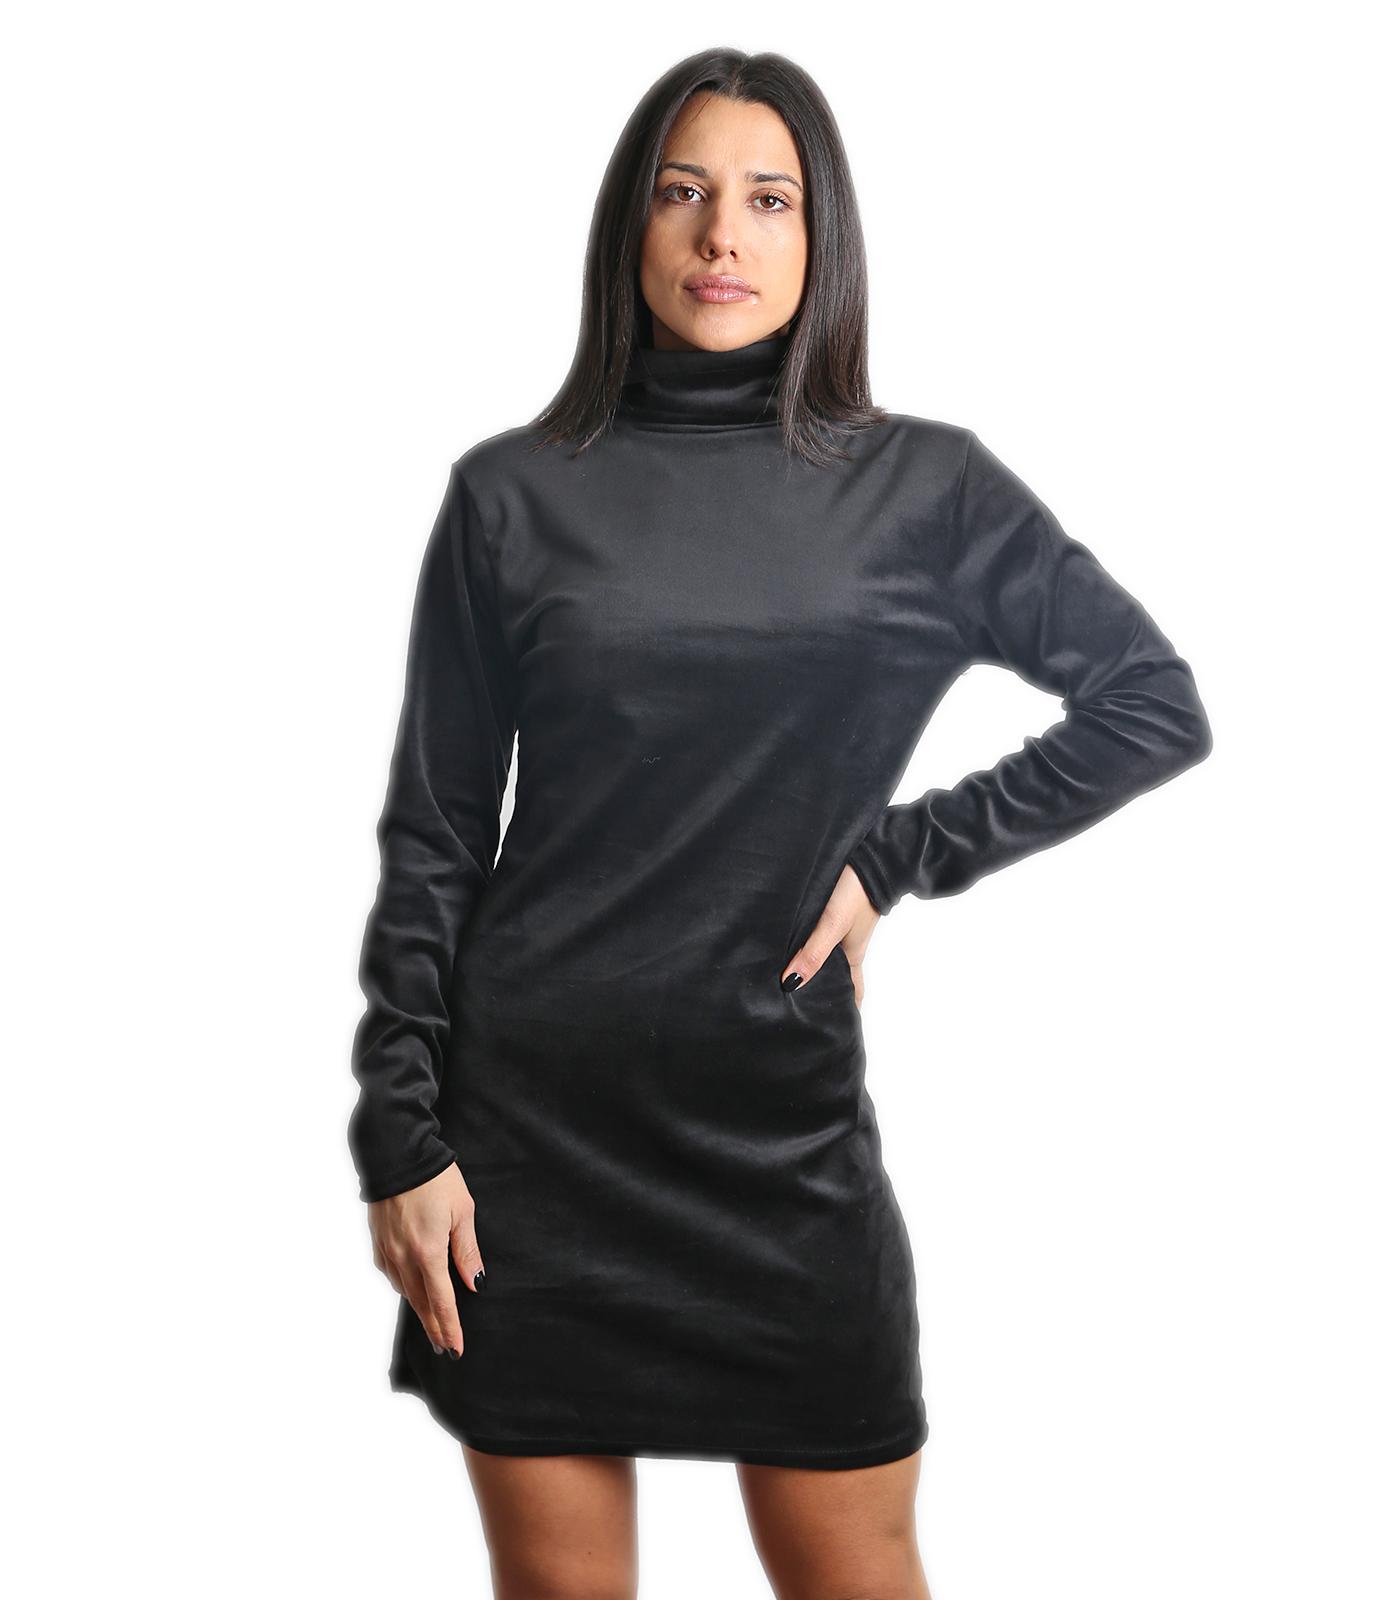 Βελούδινο μίνι φόρεμα ζιβάγκο (Μαύρο)